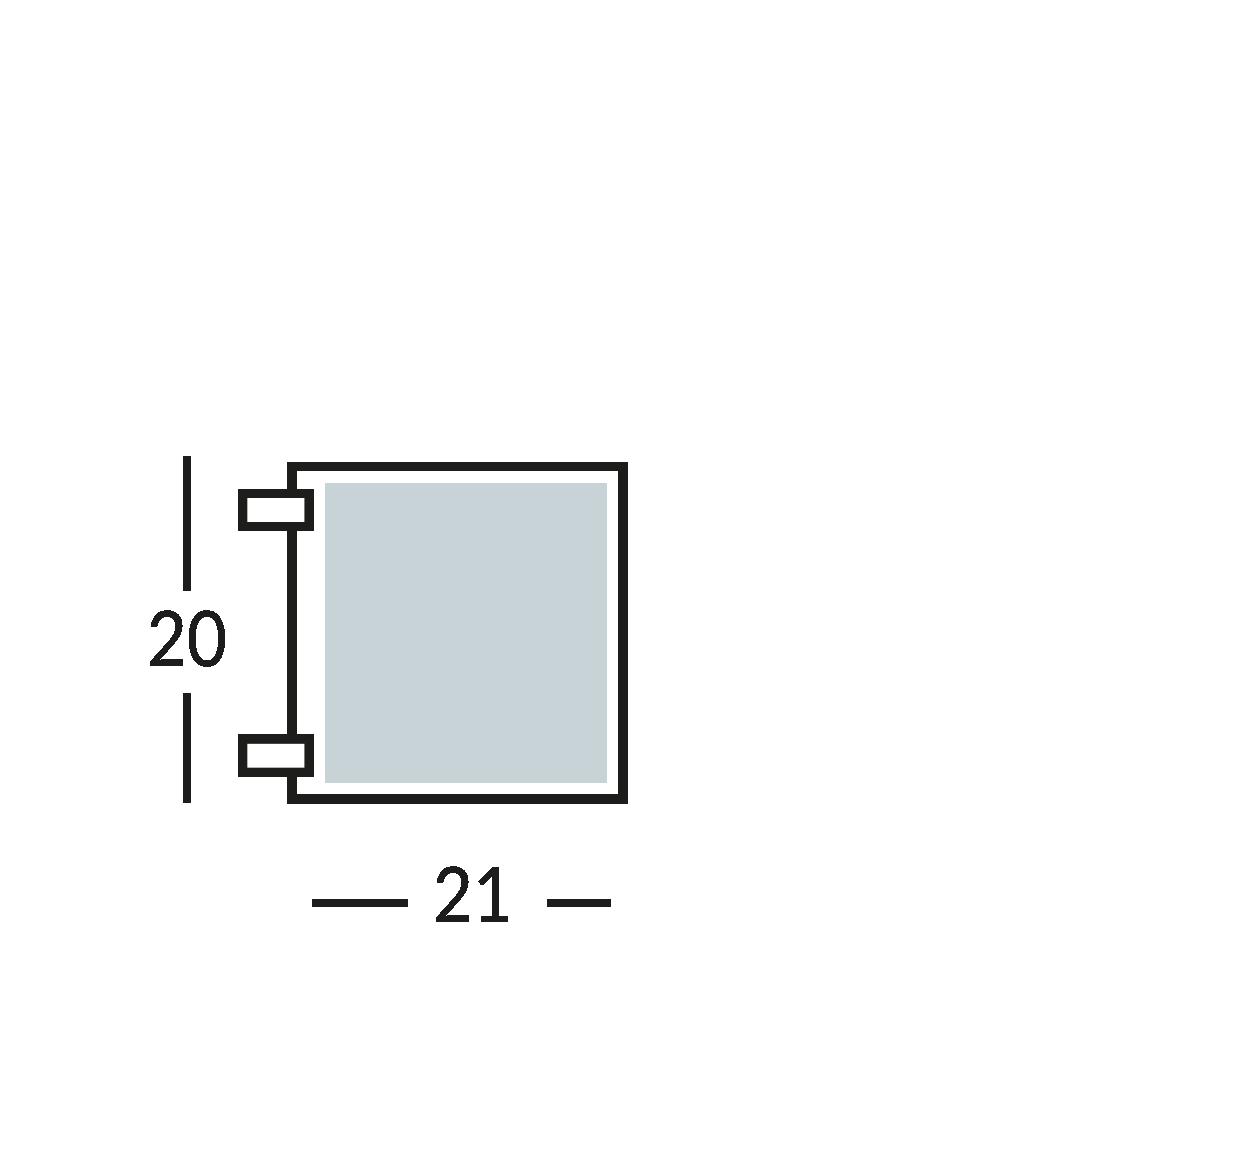 Placa con símbolo para normas de seguridad y contra incendios de dos caras. Distancia máxima de lectura 10 m.